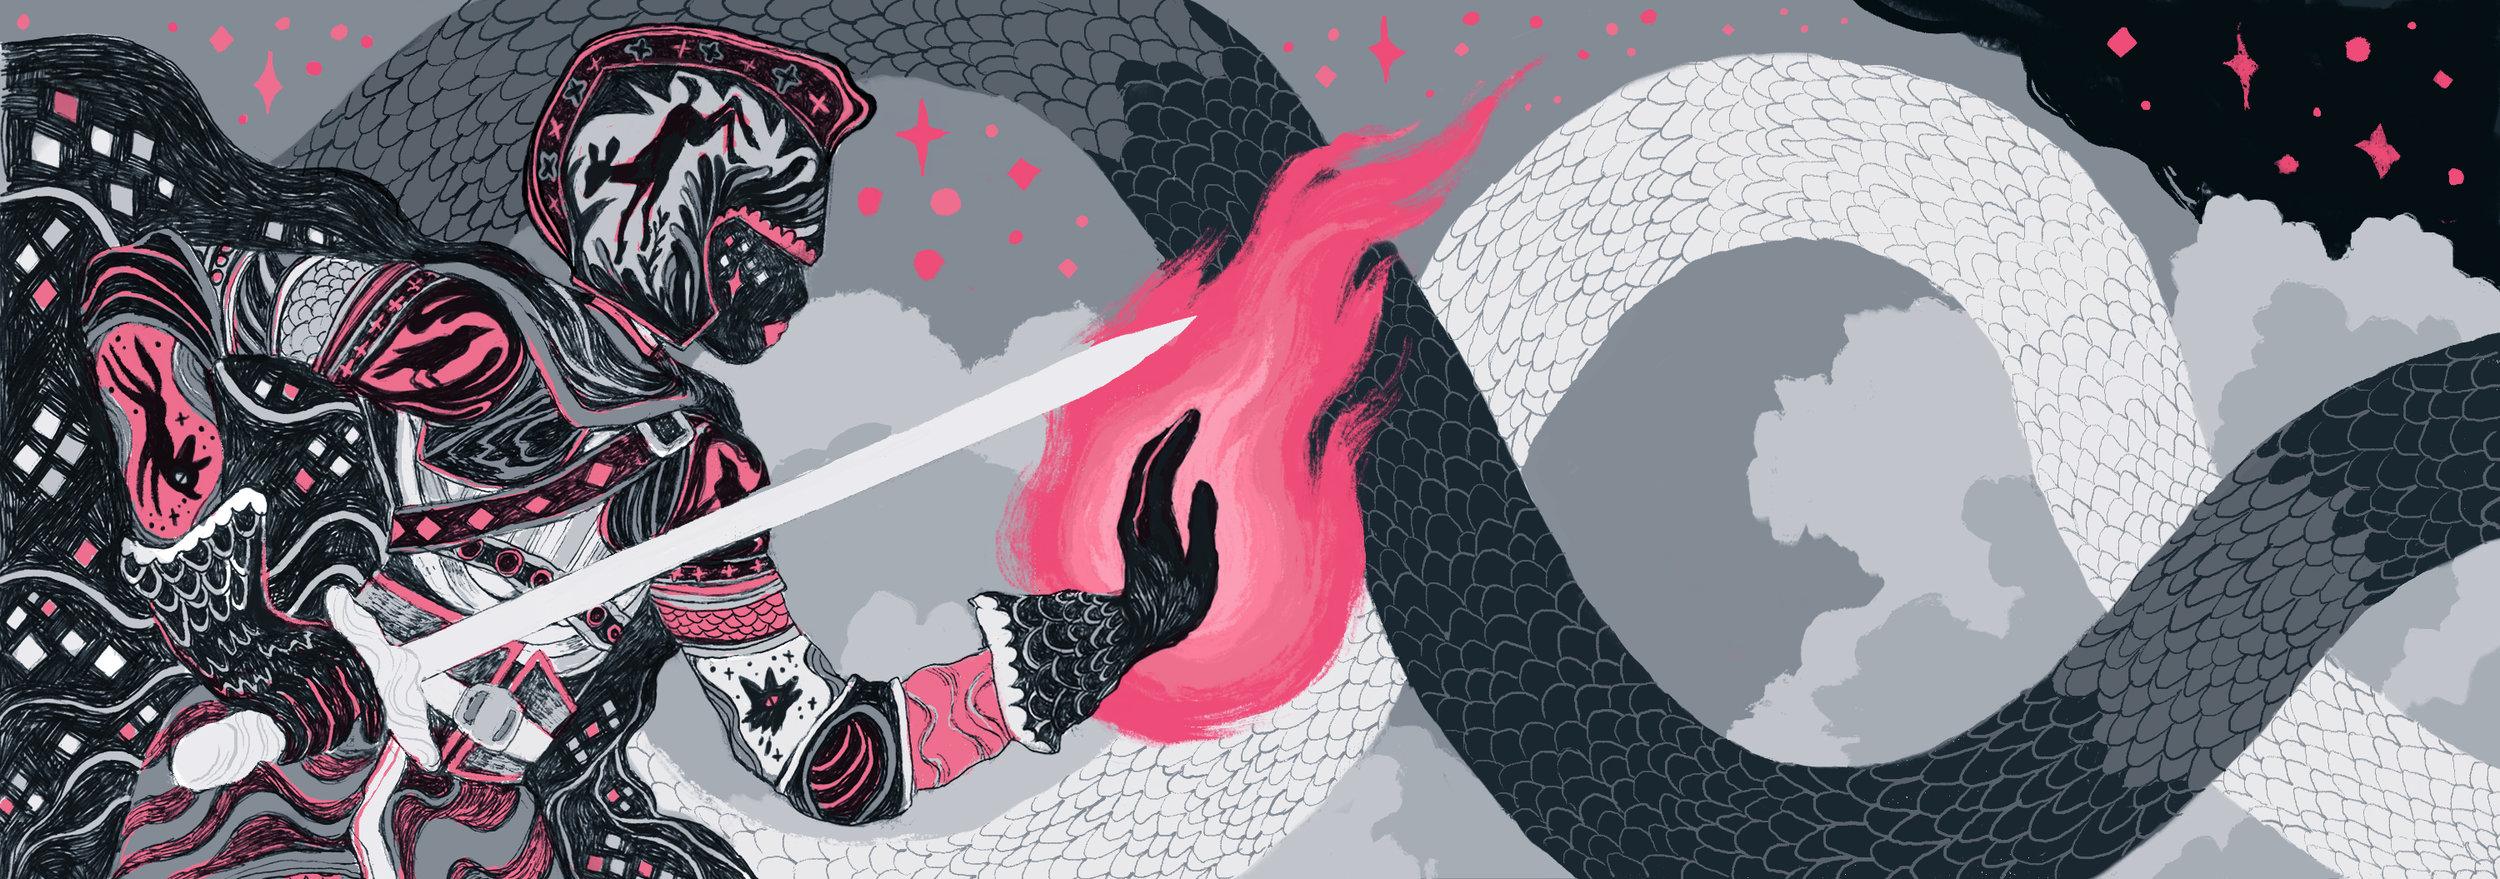 Dames & Dragons